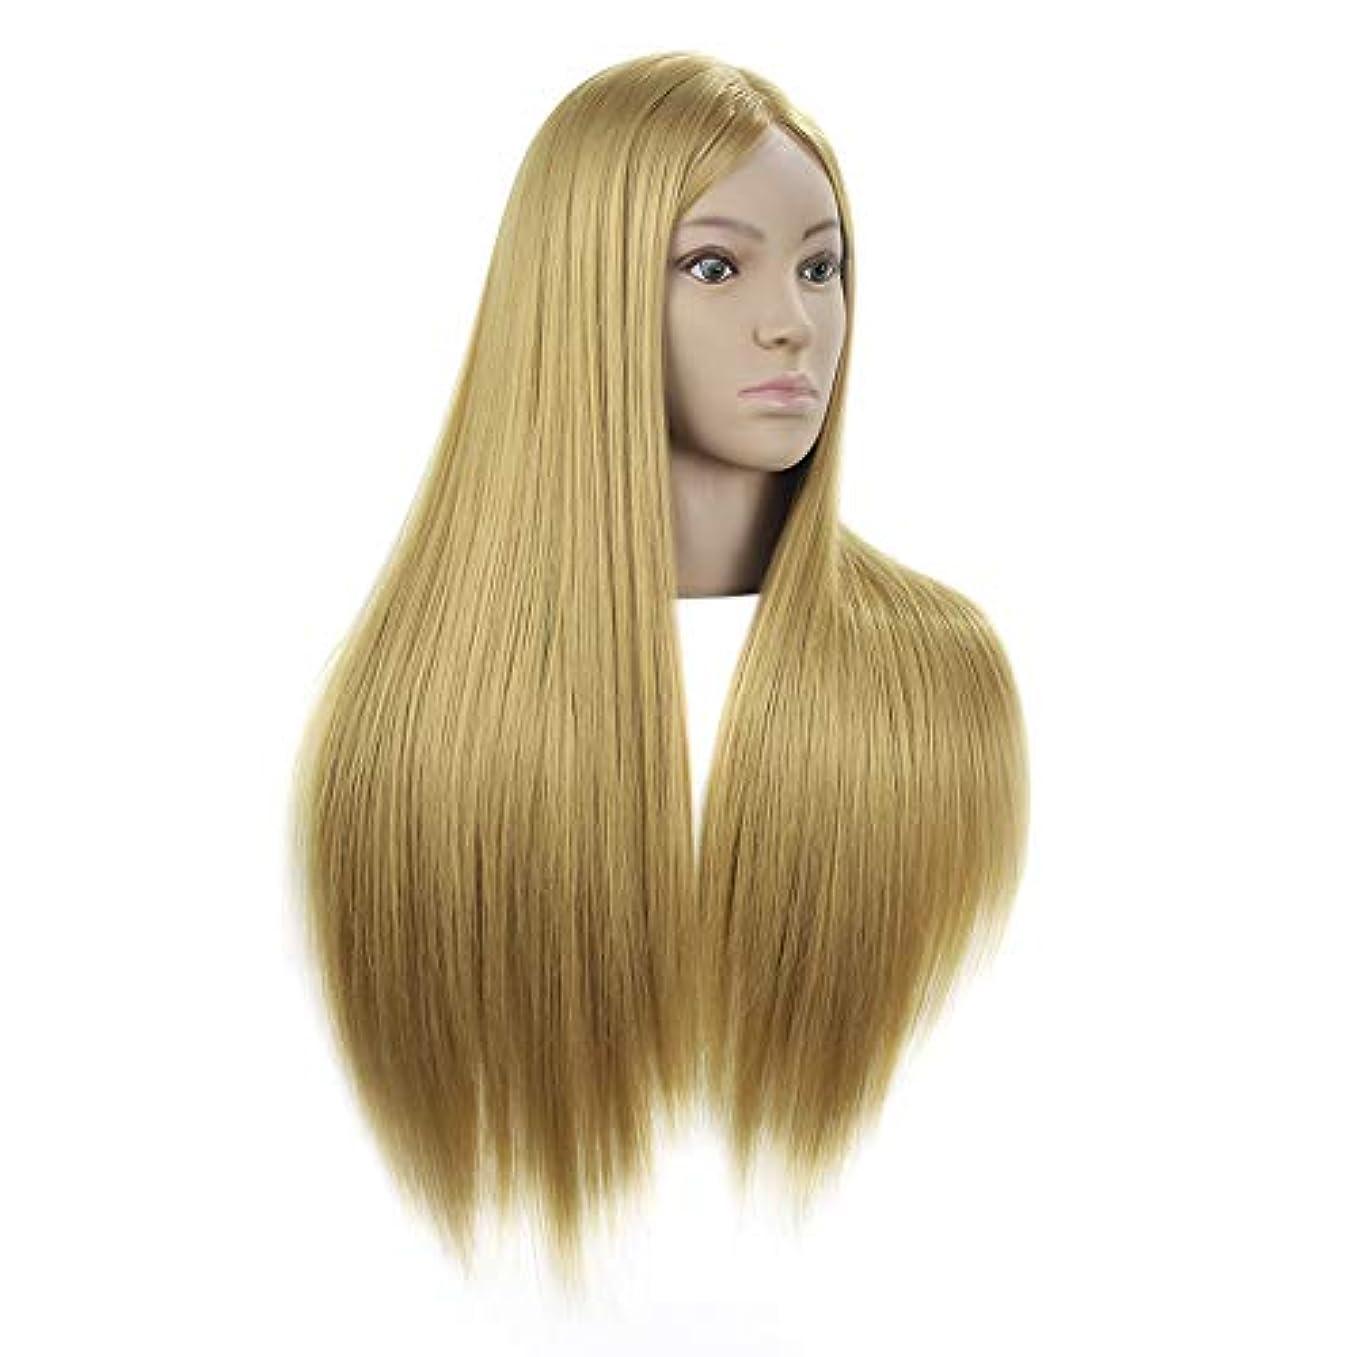 近似件名ミュウミュウリアルヘアスタイリングマネキンヘッド女性ヘッドモデル教育ヘッド理髪店編組ヘア染色学習ダミーヘッド